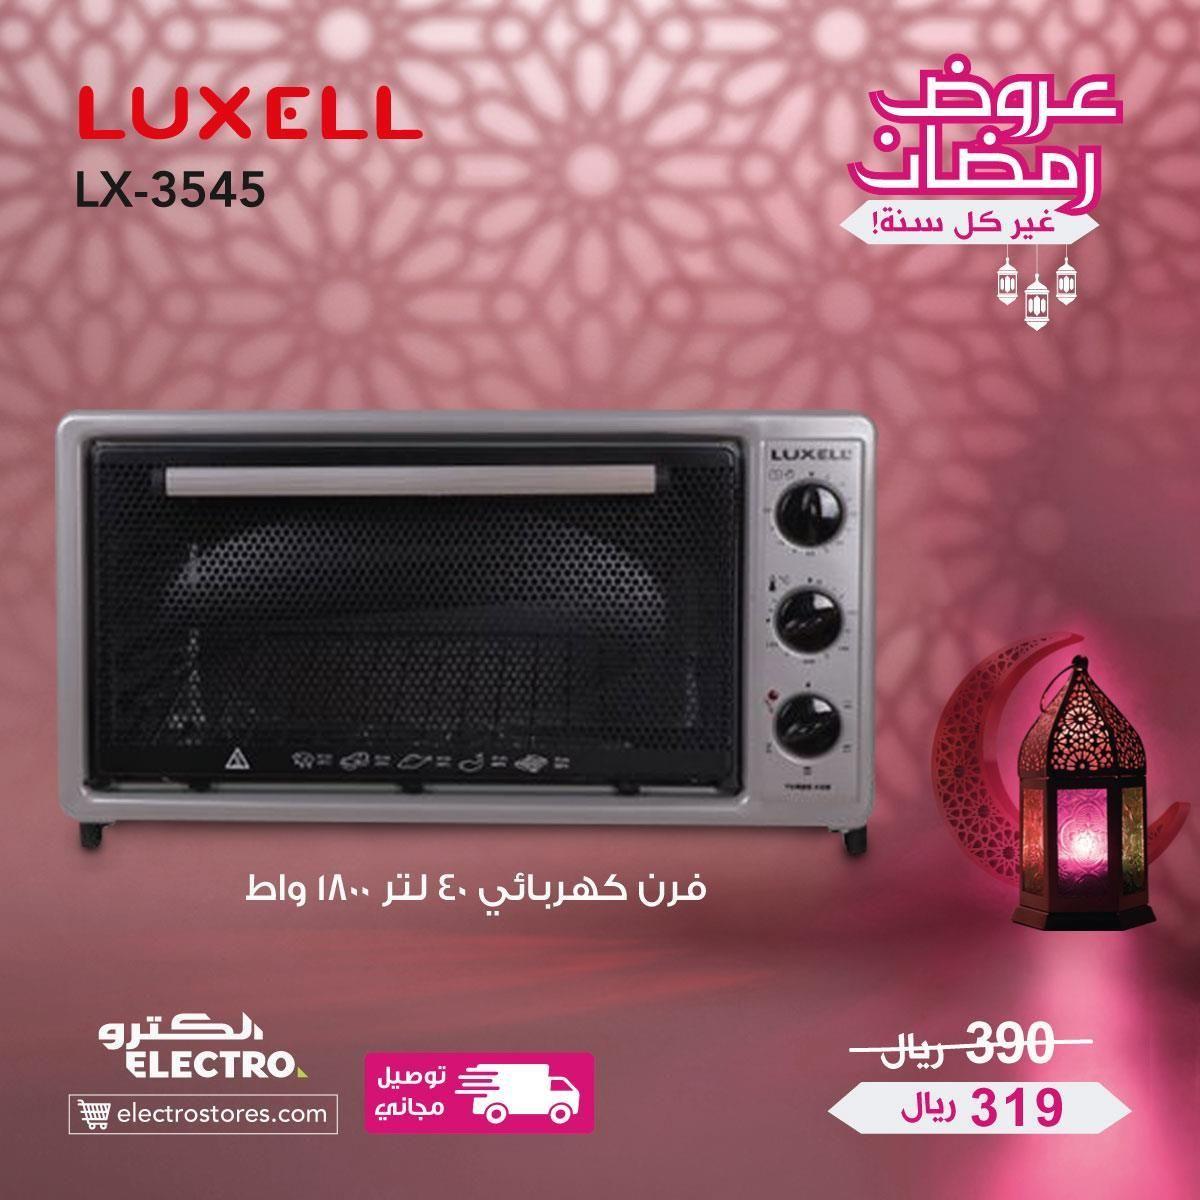 عروض رمضان عروض الكترو السعودية علي الاجهزة الكهربائية الاربعاء 15 4 2020 عروض اليوم Toaster Oven Kitchen Appliances Kitchen